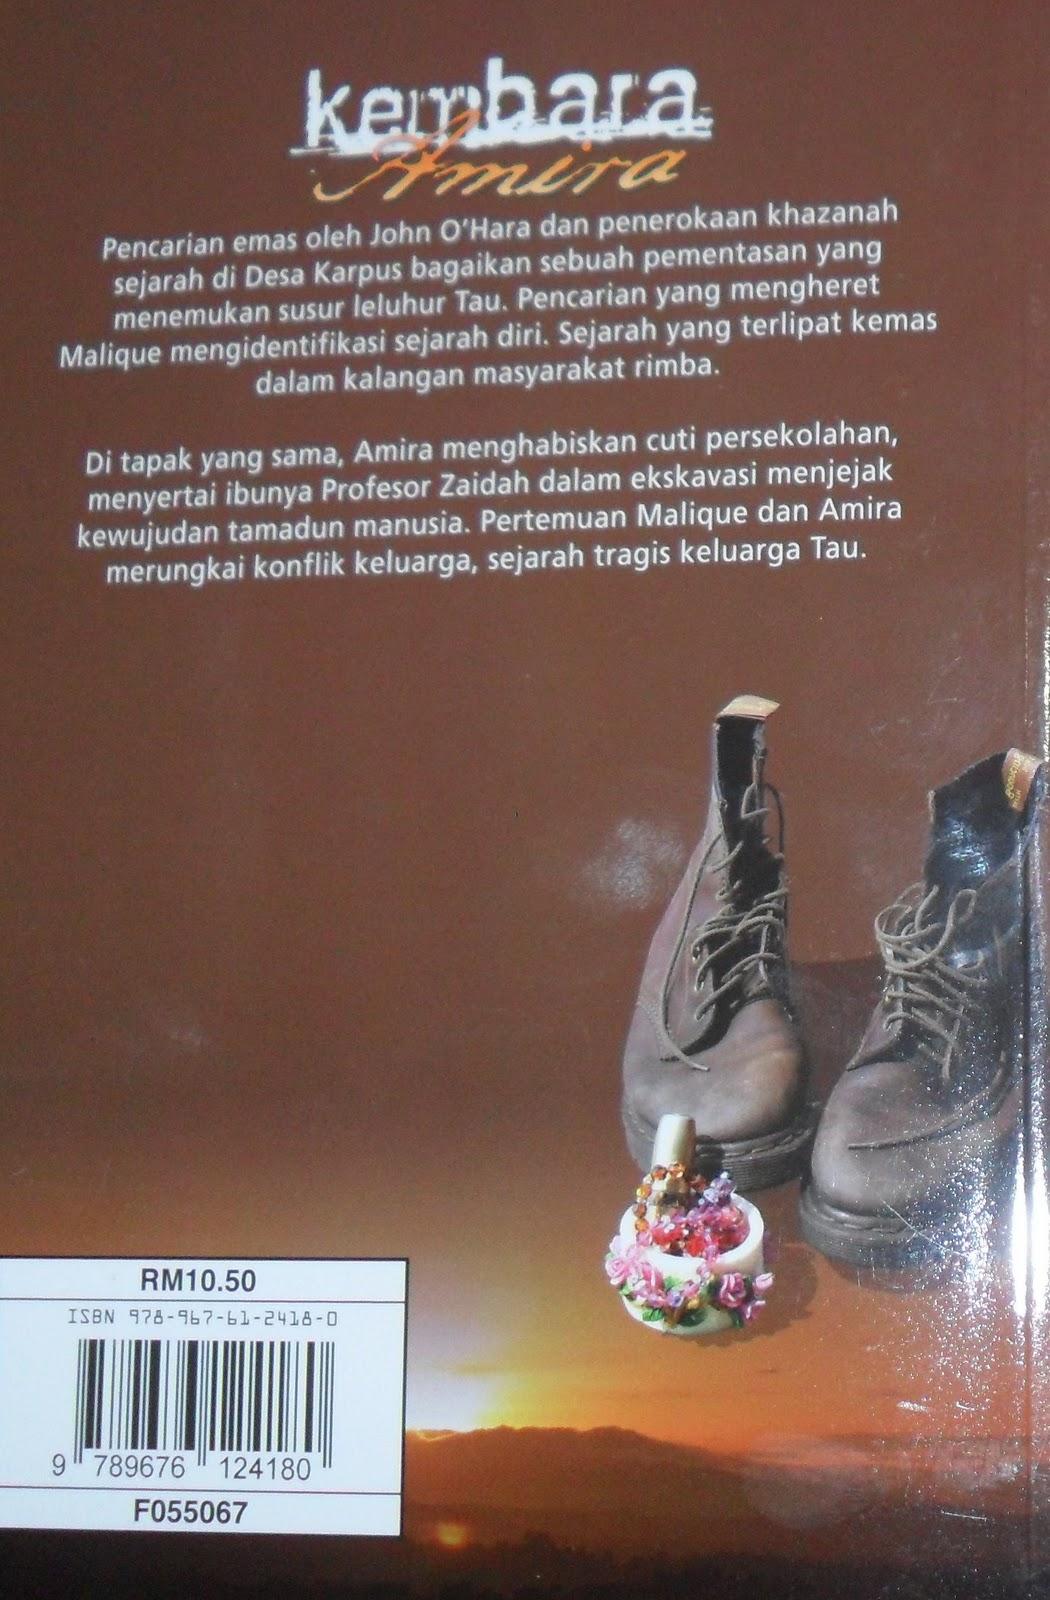 ... belakang novel memaparkan maklumat ringkas tentang penceritaan novel